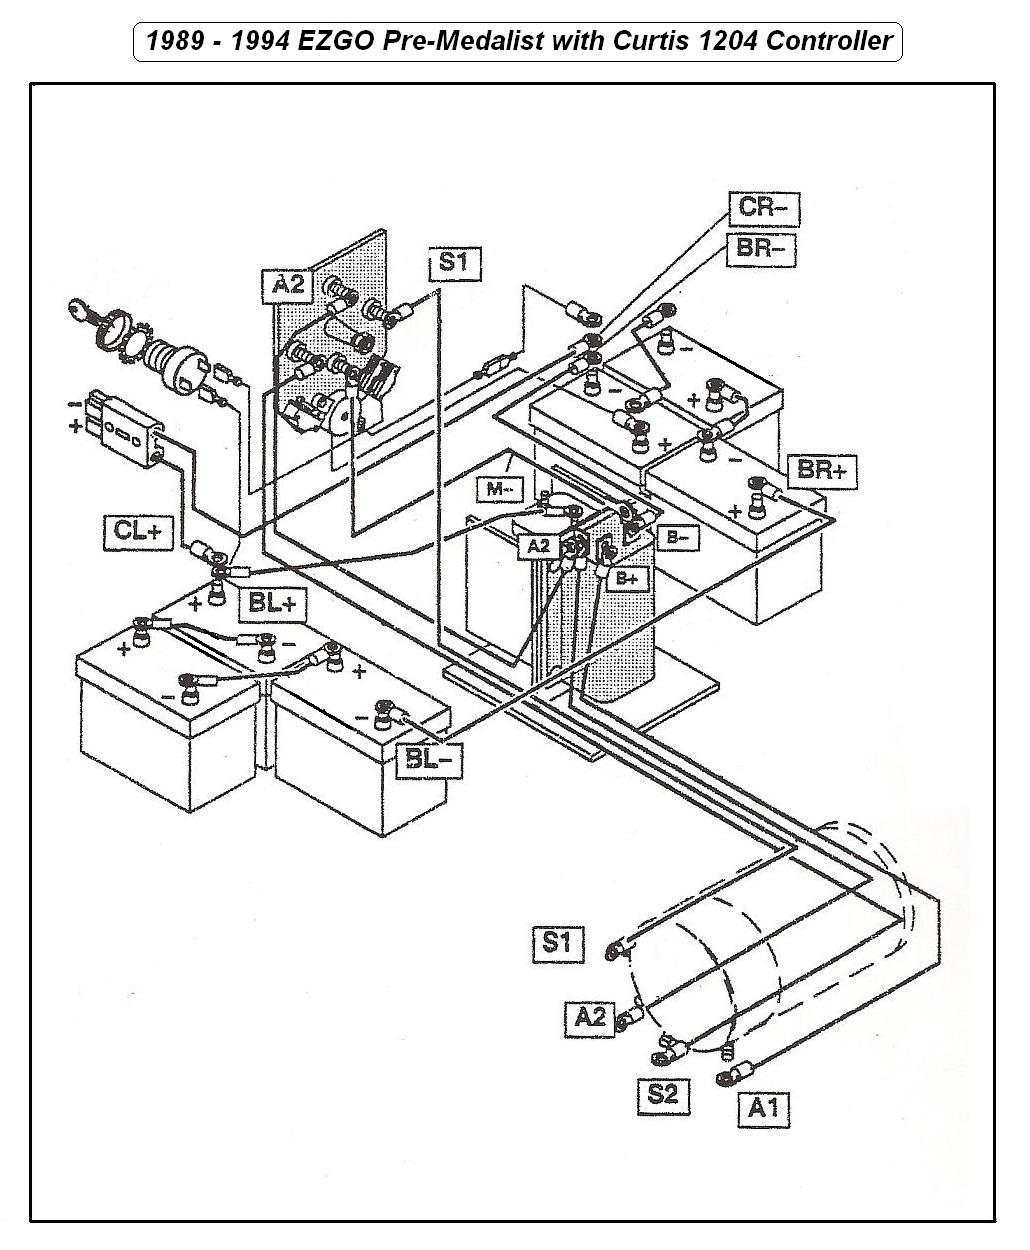 36 Volt Ez Go Golf Cart Wiring Diagram Gooddy Org Throughout In - Ez Go Golf Cart Wiring Diagram